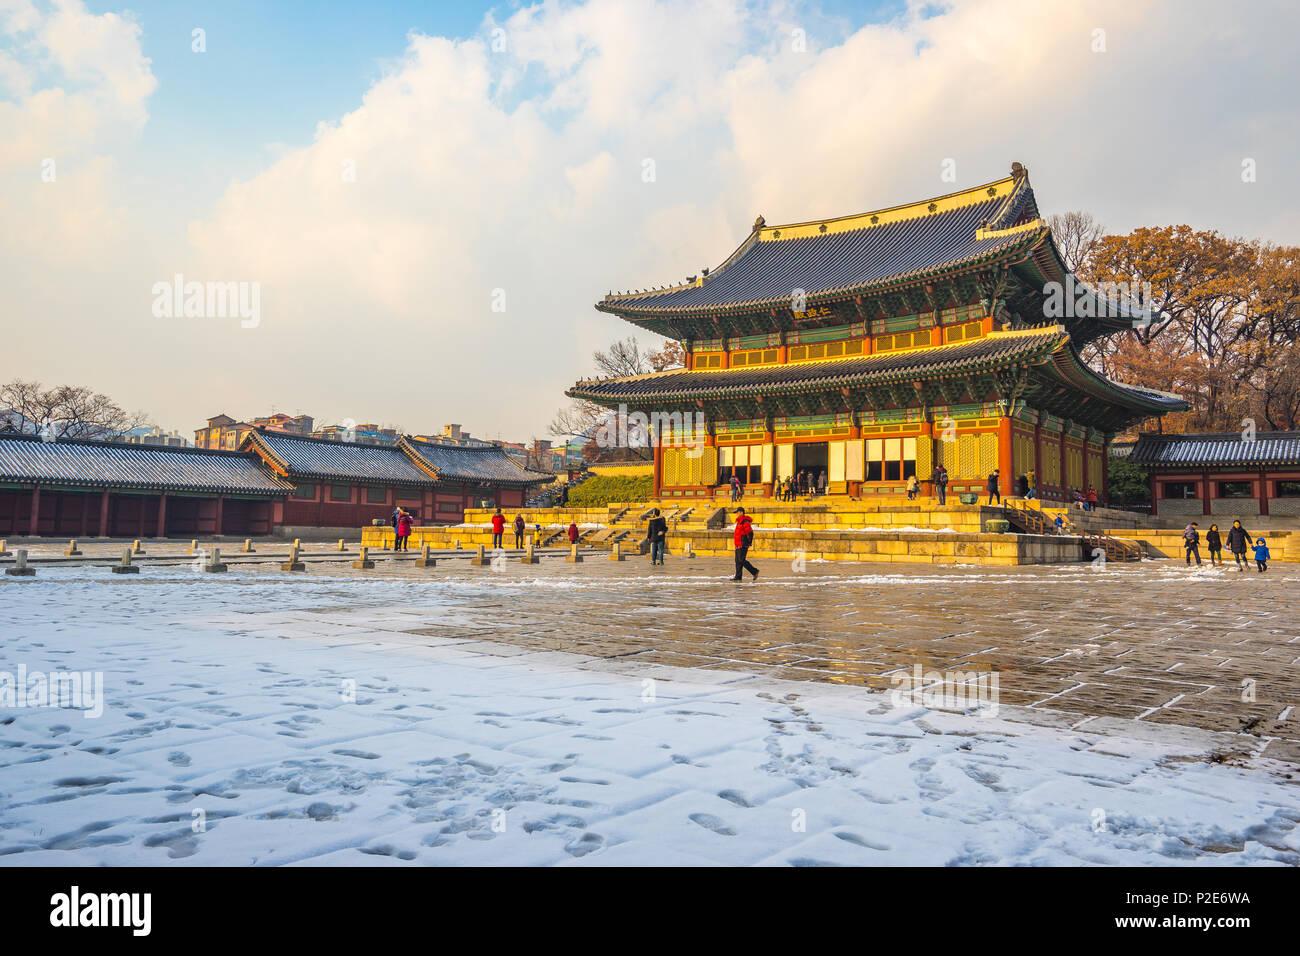 Atardecer en el palacio de Changdeokgung en Seúl, Corea. Imagen De Stock